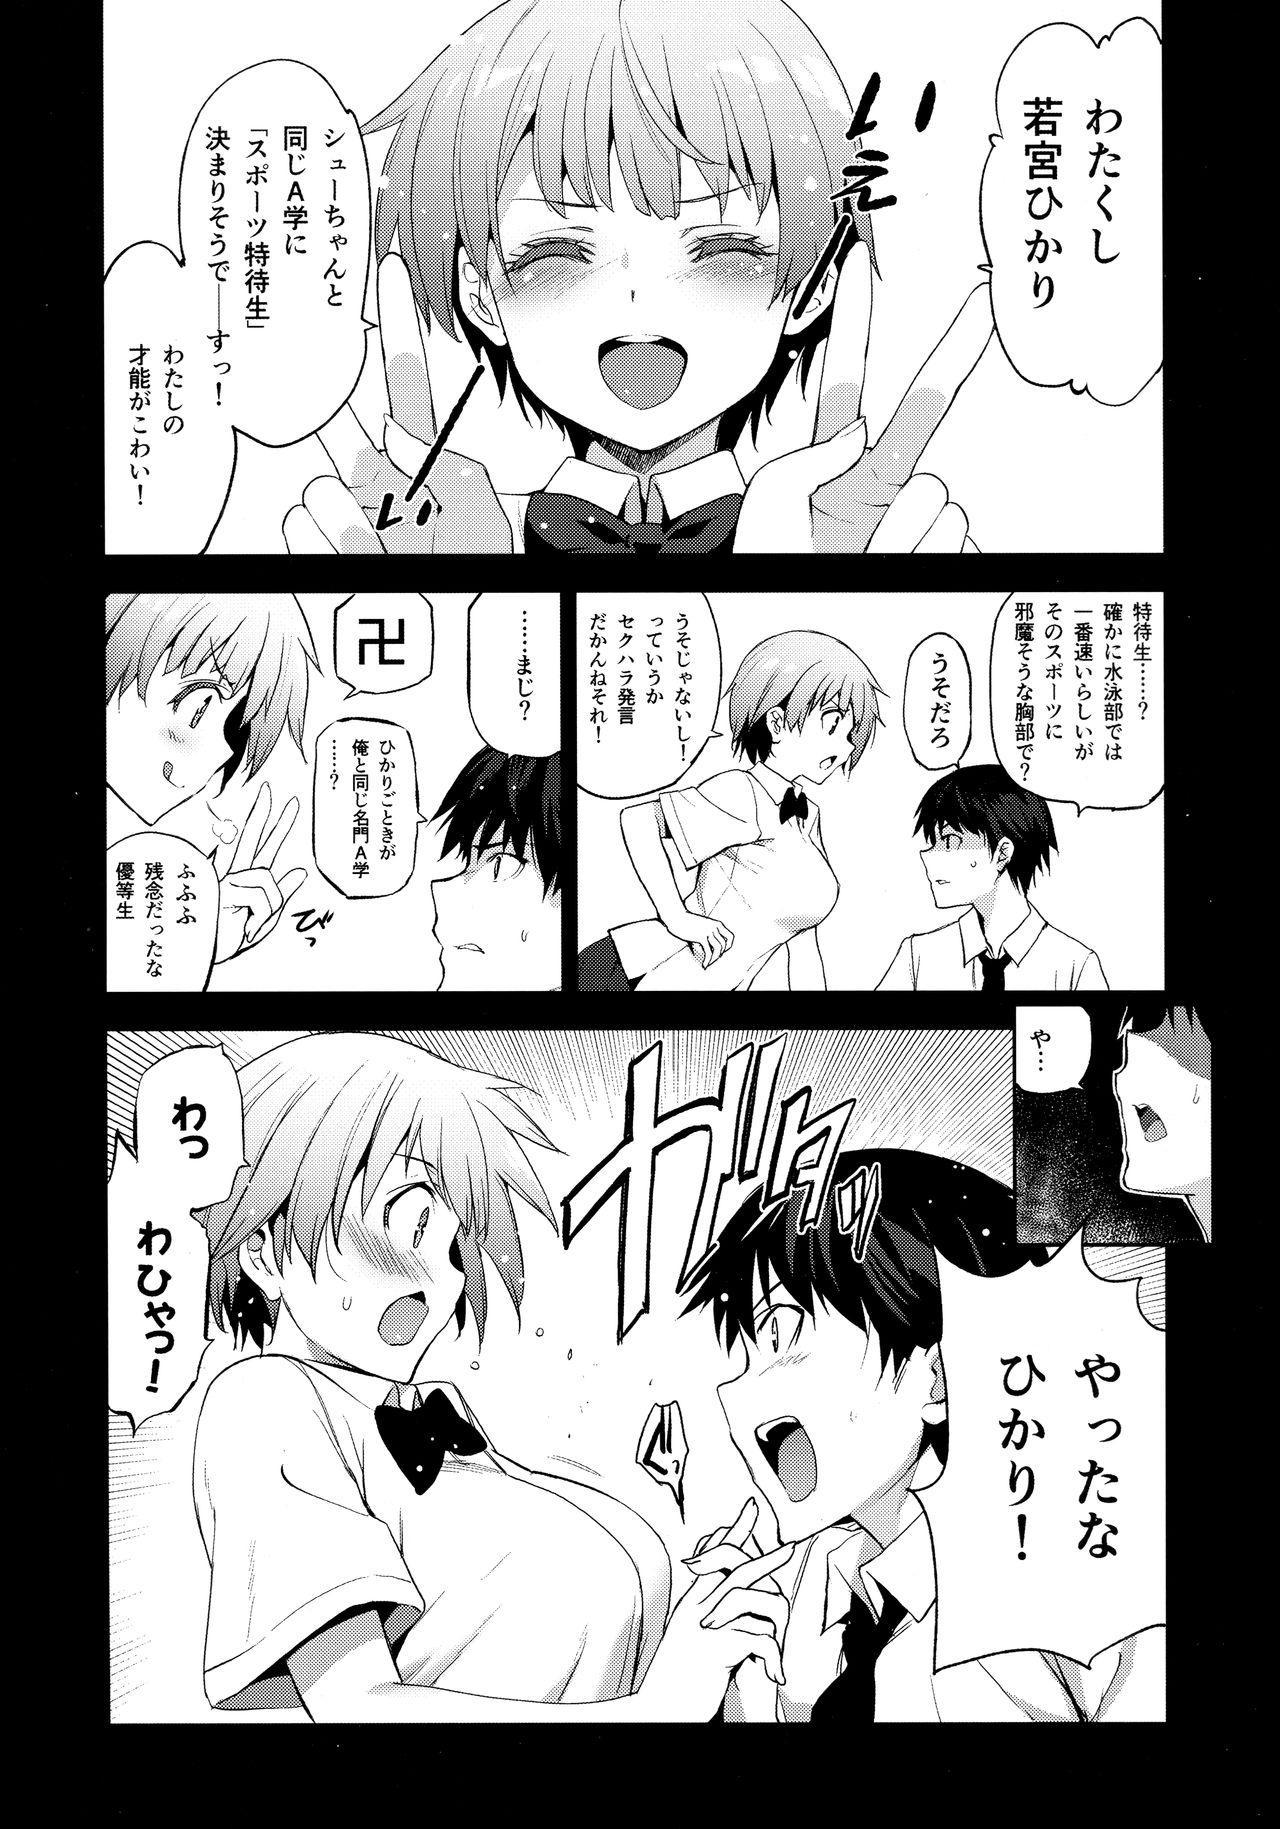 Tokutaisei Shiken - Baka Dakedo Aitsu to Issho no Gakkou Ikitai Kara Tokui Bunya de Ganbatta. 2